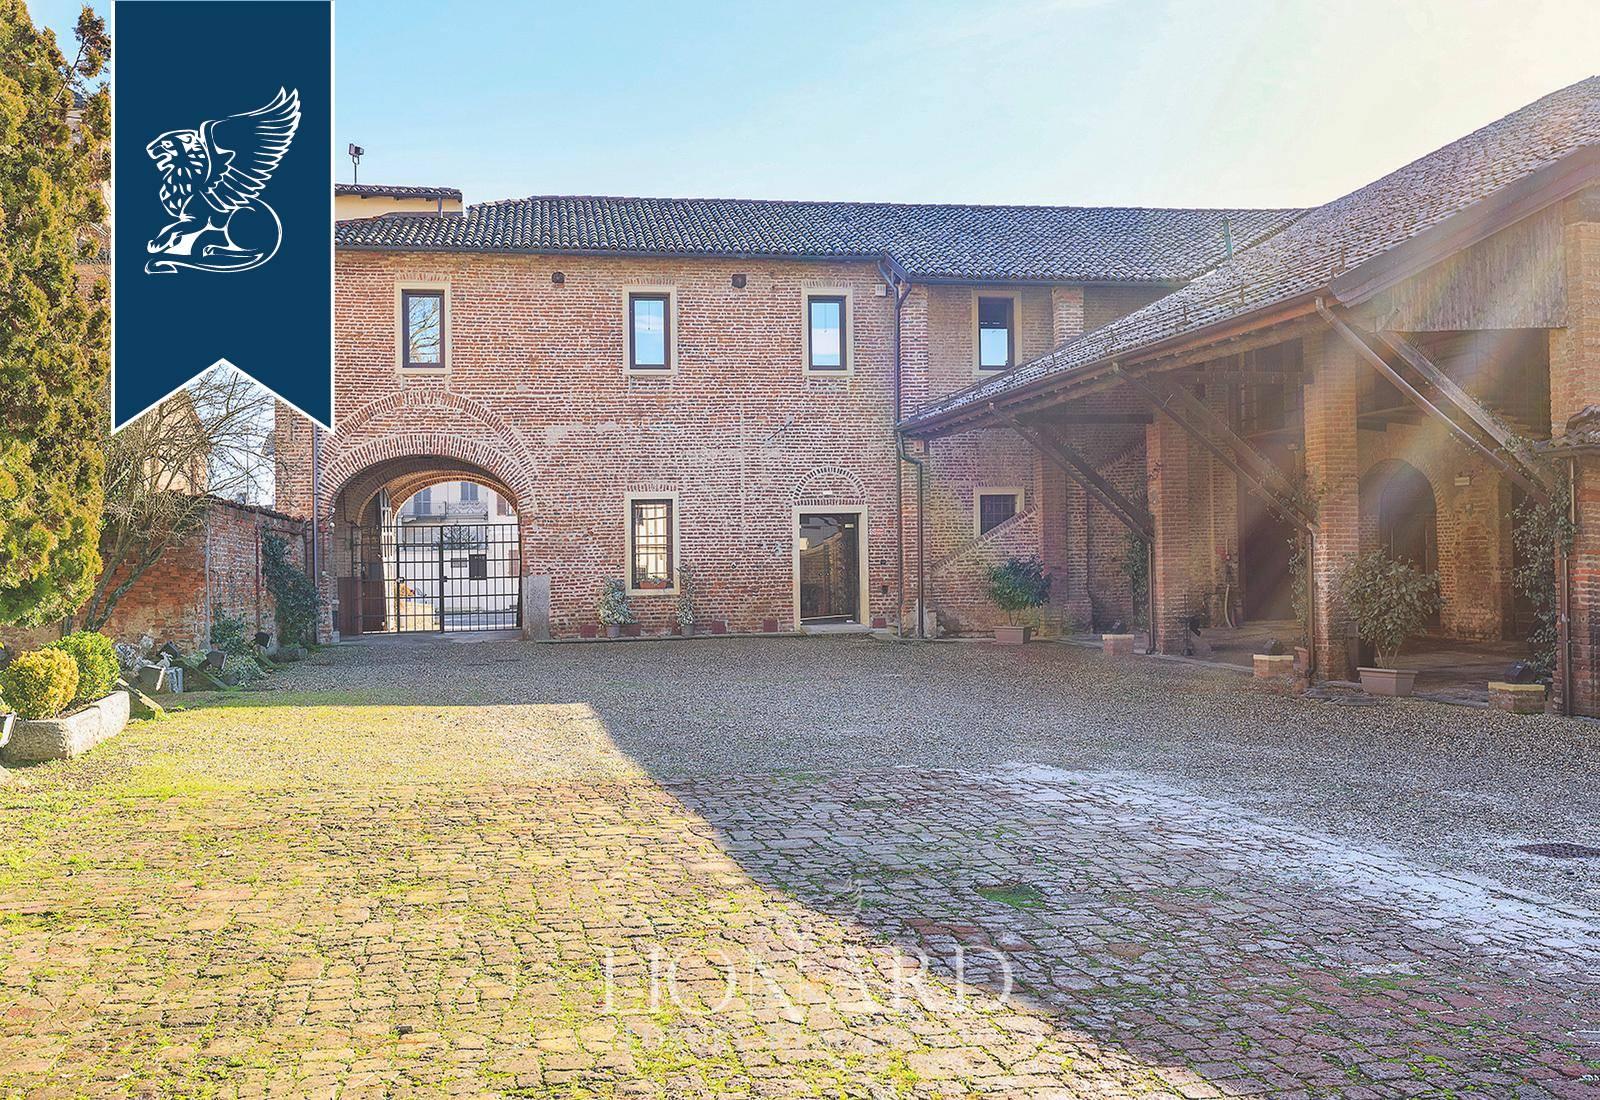 Villa in Vendita a Sartirana Lomellina: 0 locali, 5000 mq - Foto 3